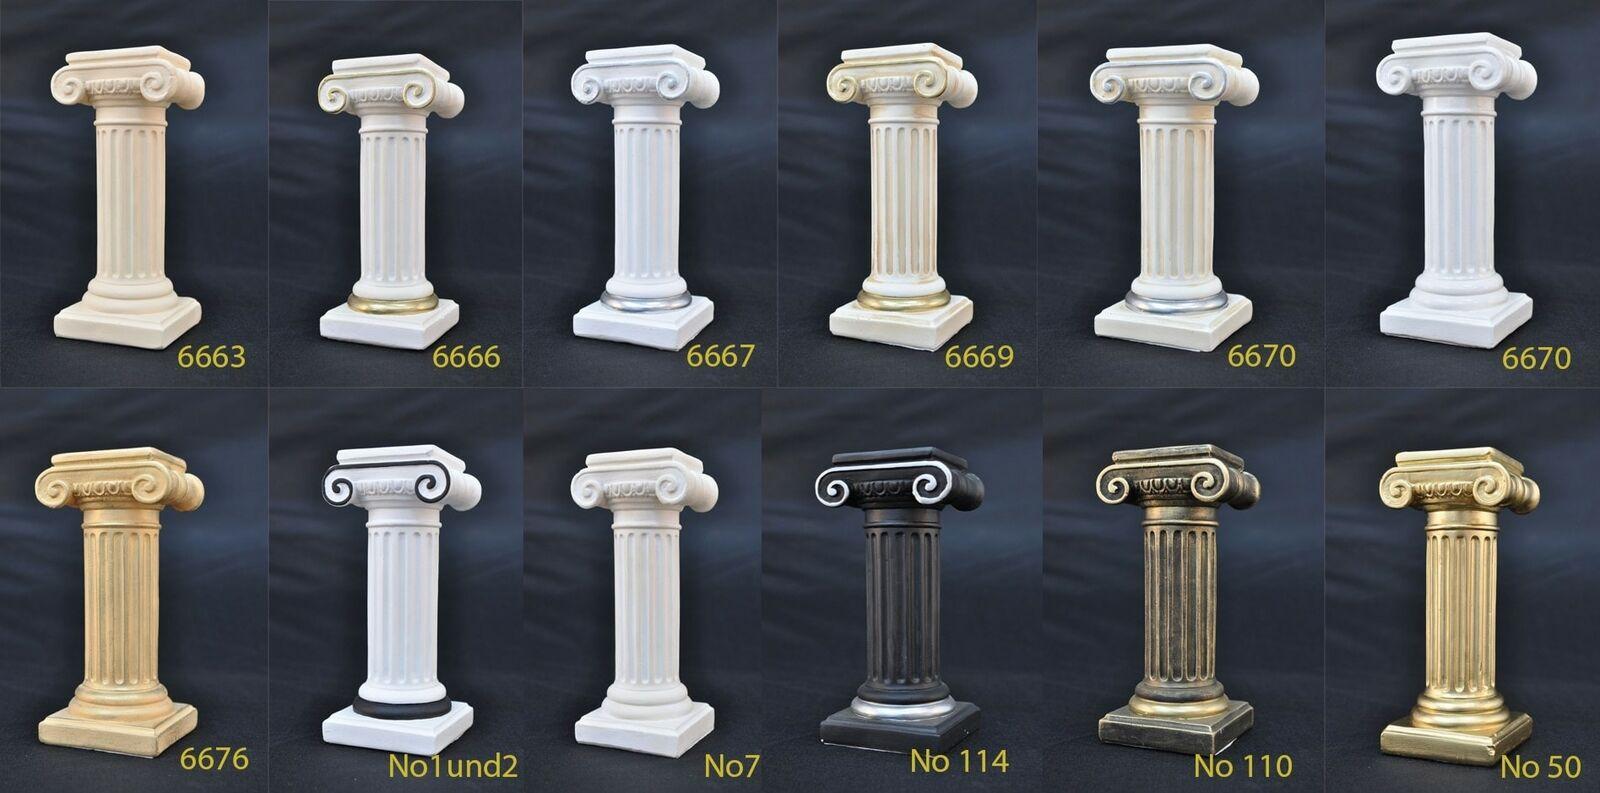 Vase Dekoration Antik Stil Vasen Blaumen Behälter Statue Tisch Deko Deko Deko Skulptur Neu bd7370